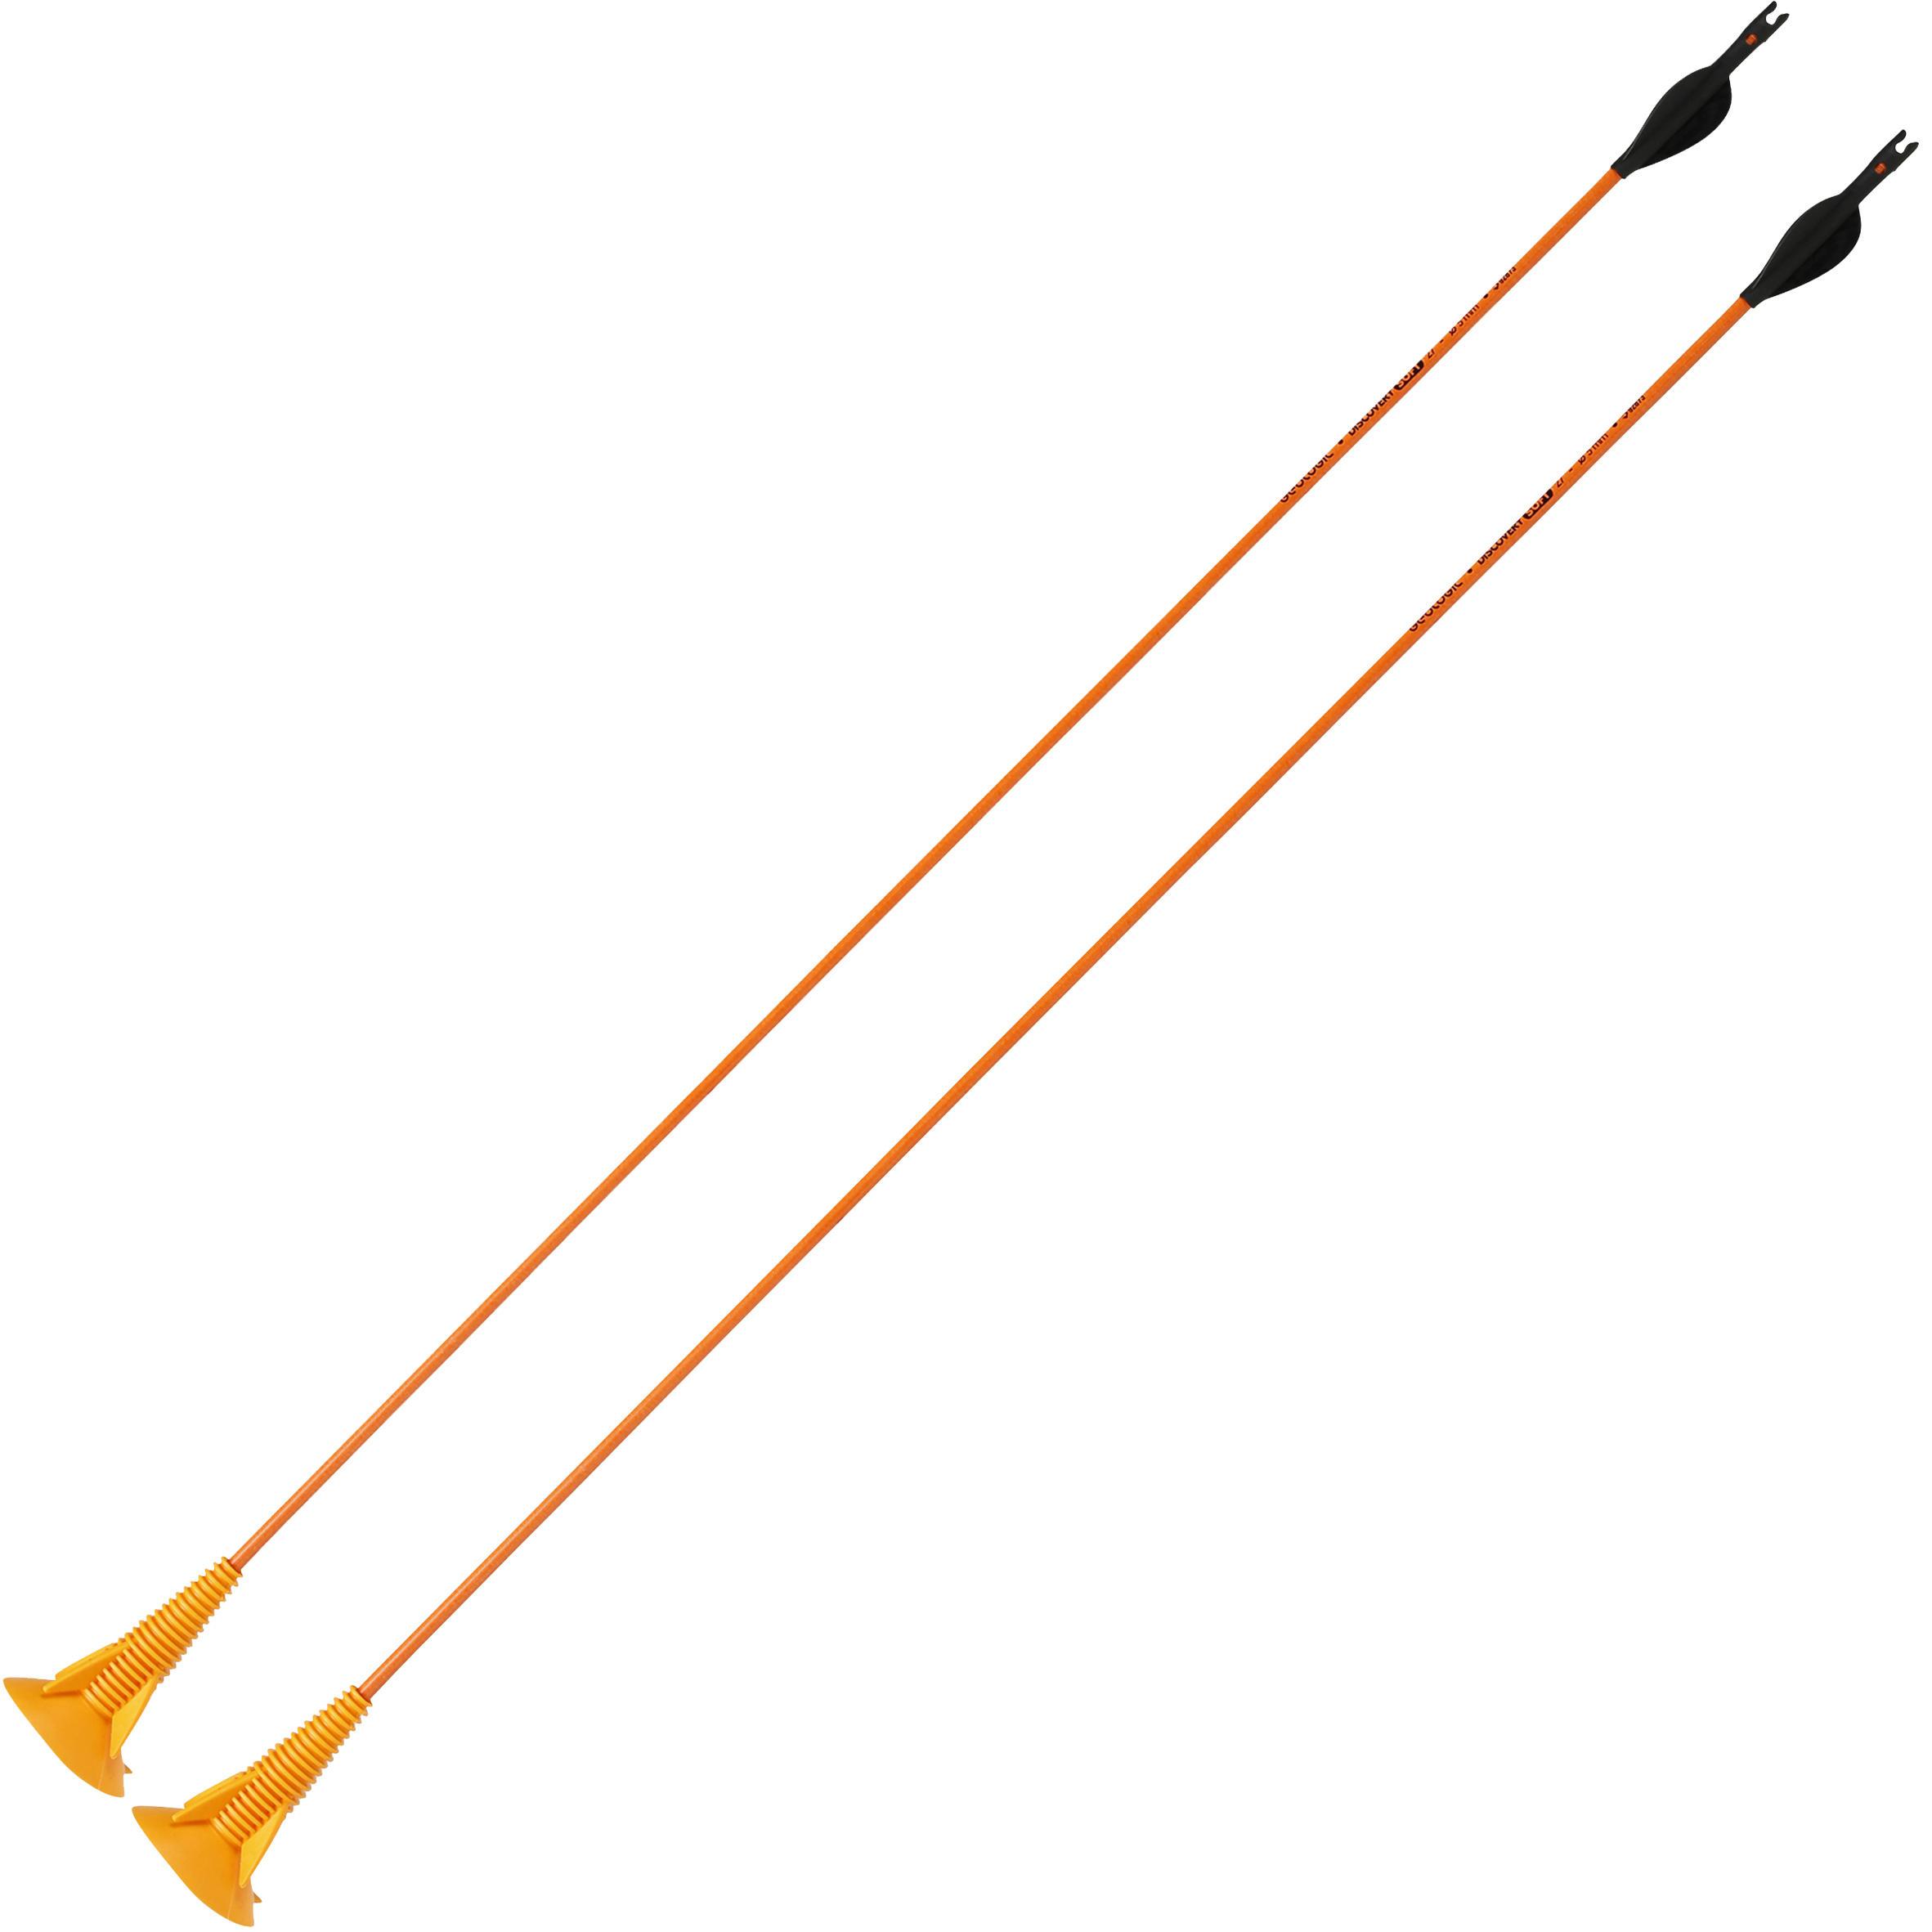 Săgeți DISCOSOFT portocaliu X2 imagine produs